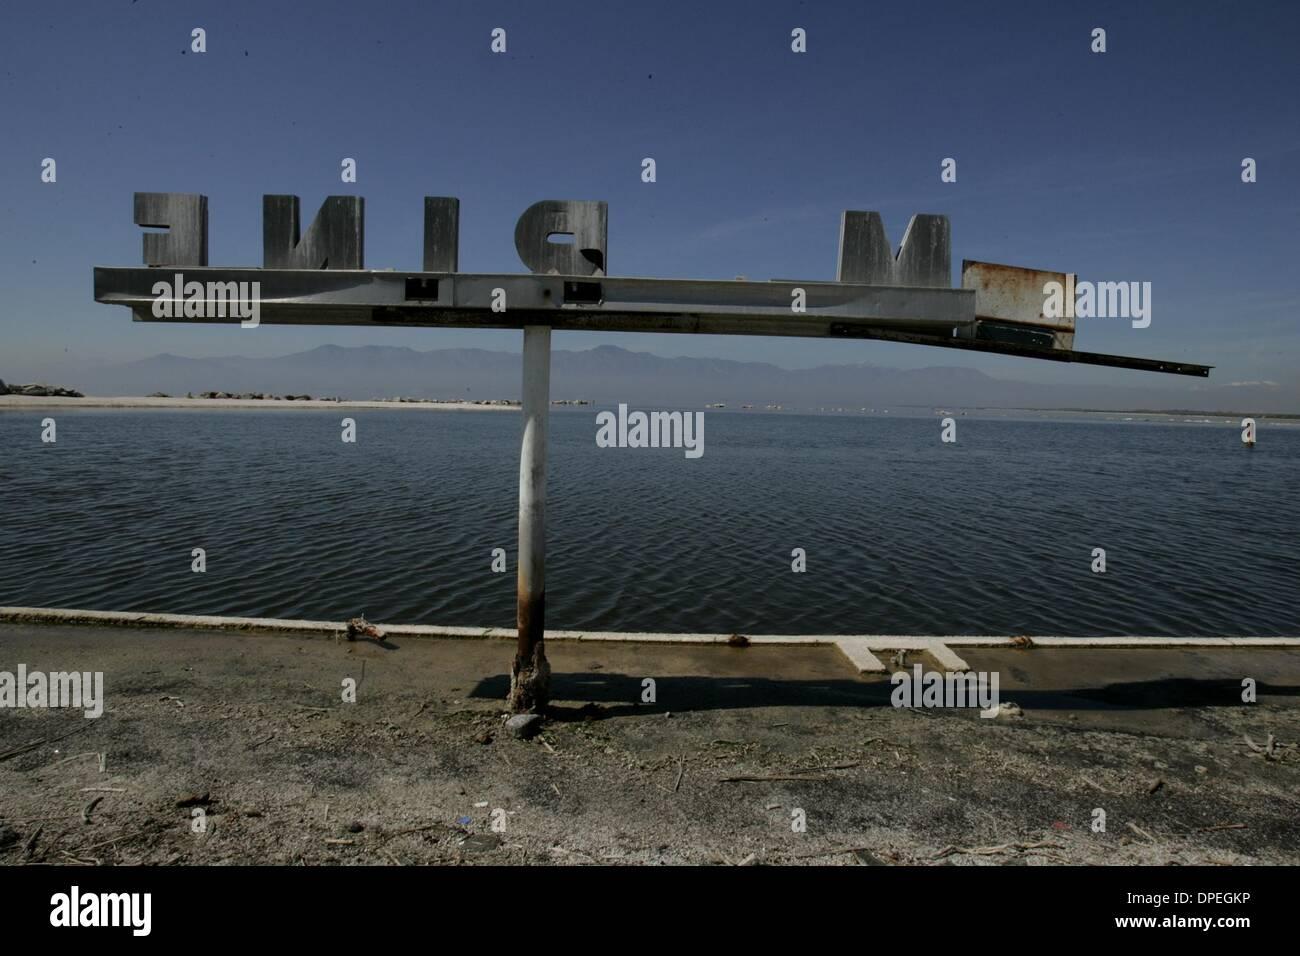 Marina Dr Stock Photos & Marina Dr Stock Images - Alamy